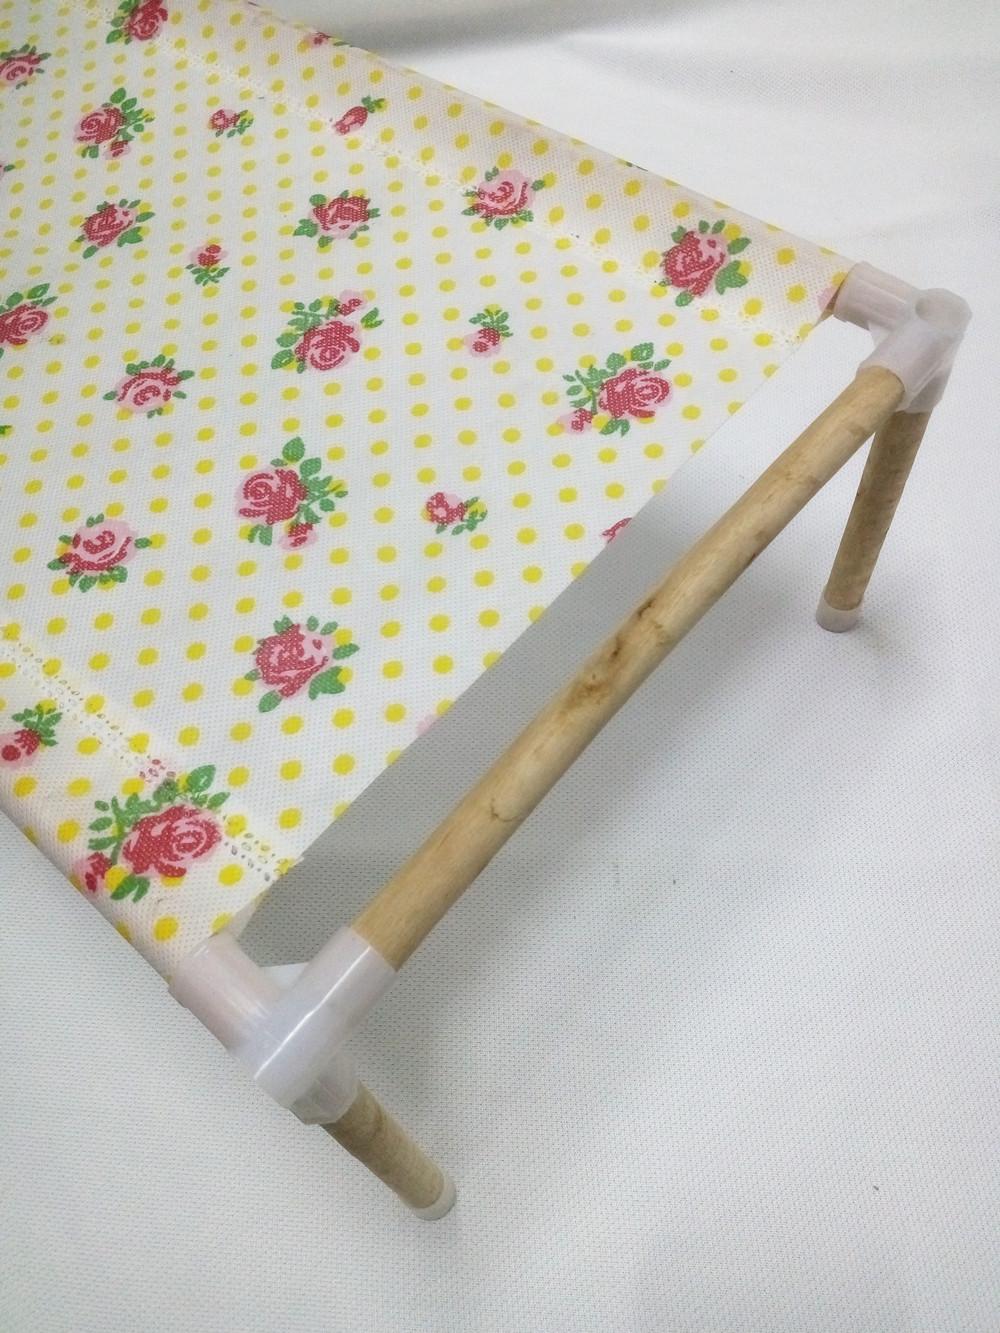 Textilkleiderschrank Kleiderschrank Faltschrank mit Reißverschluss ...